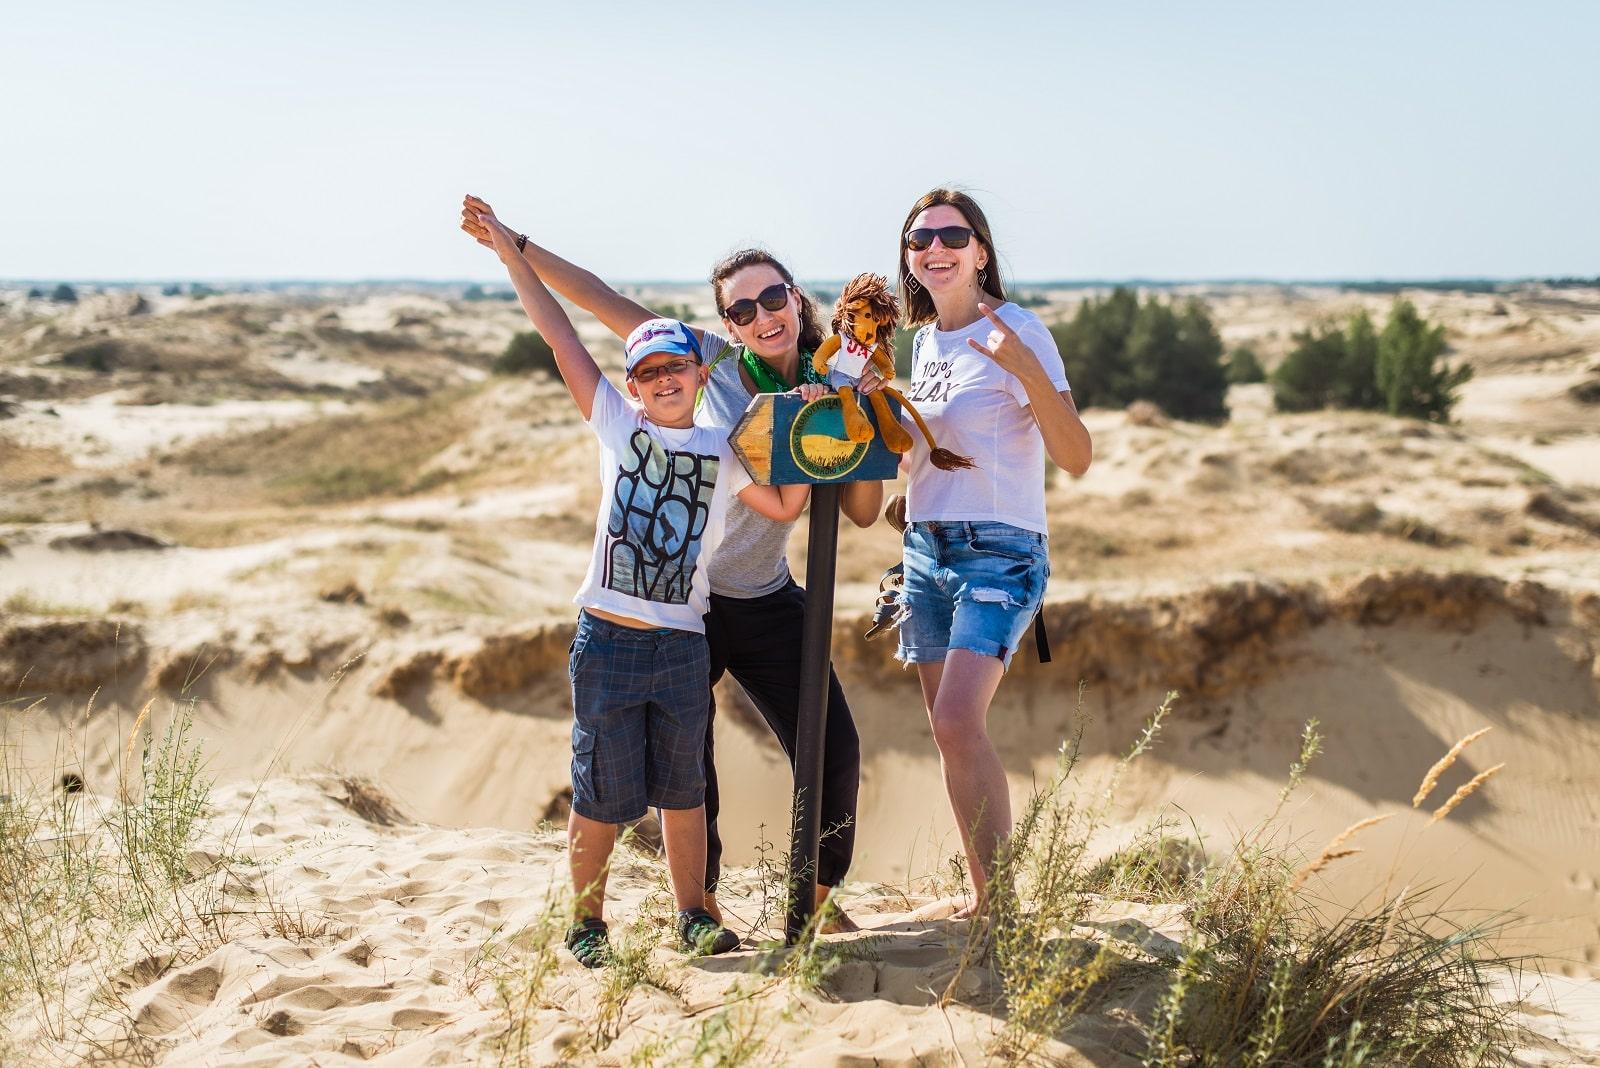 Фото в Олешковских песках